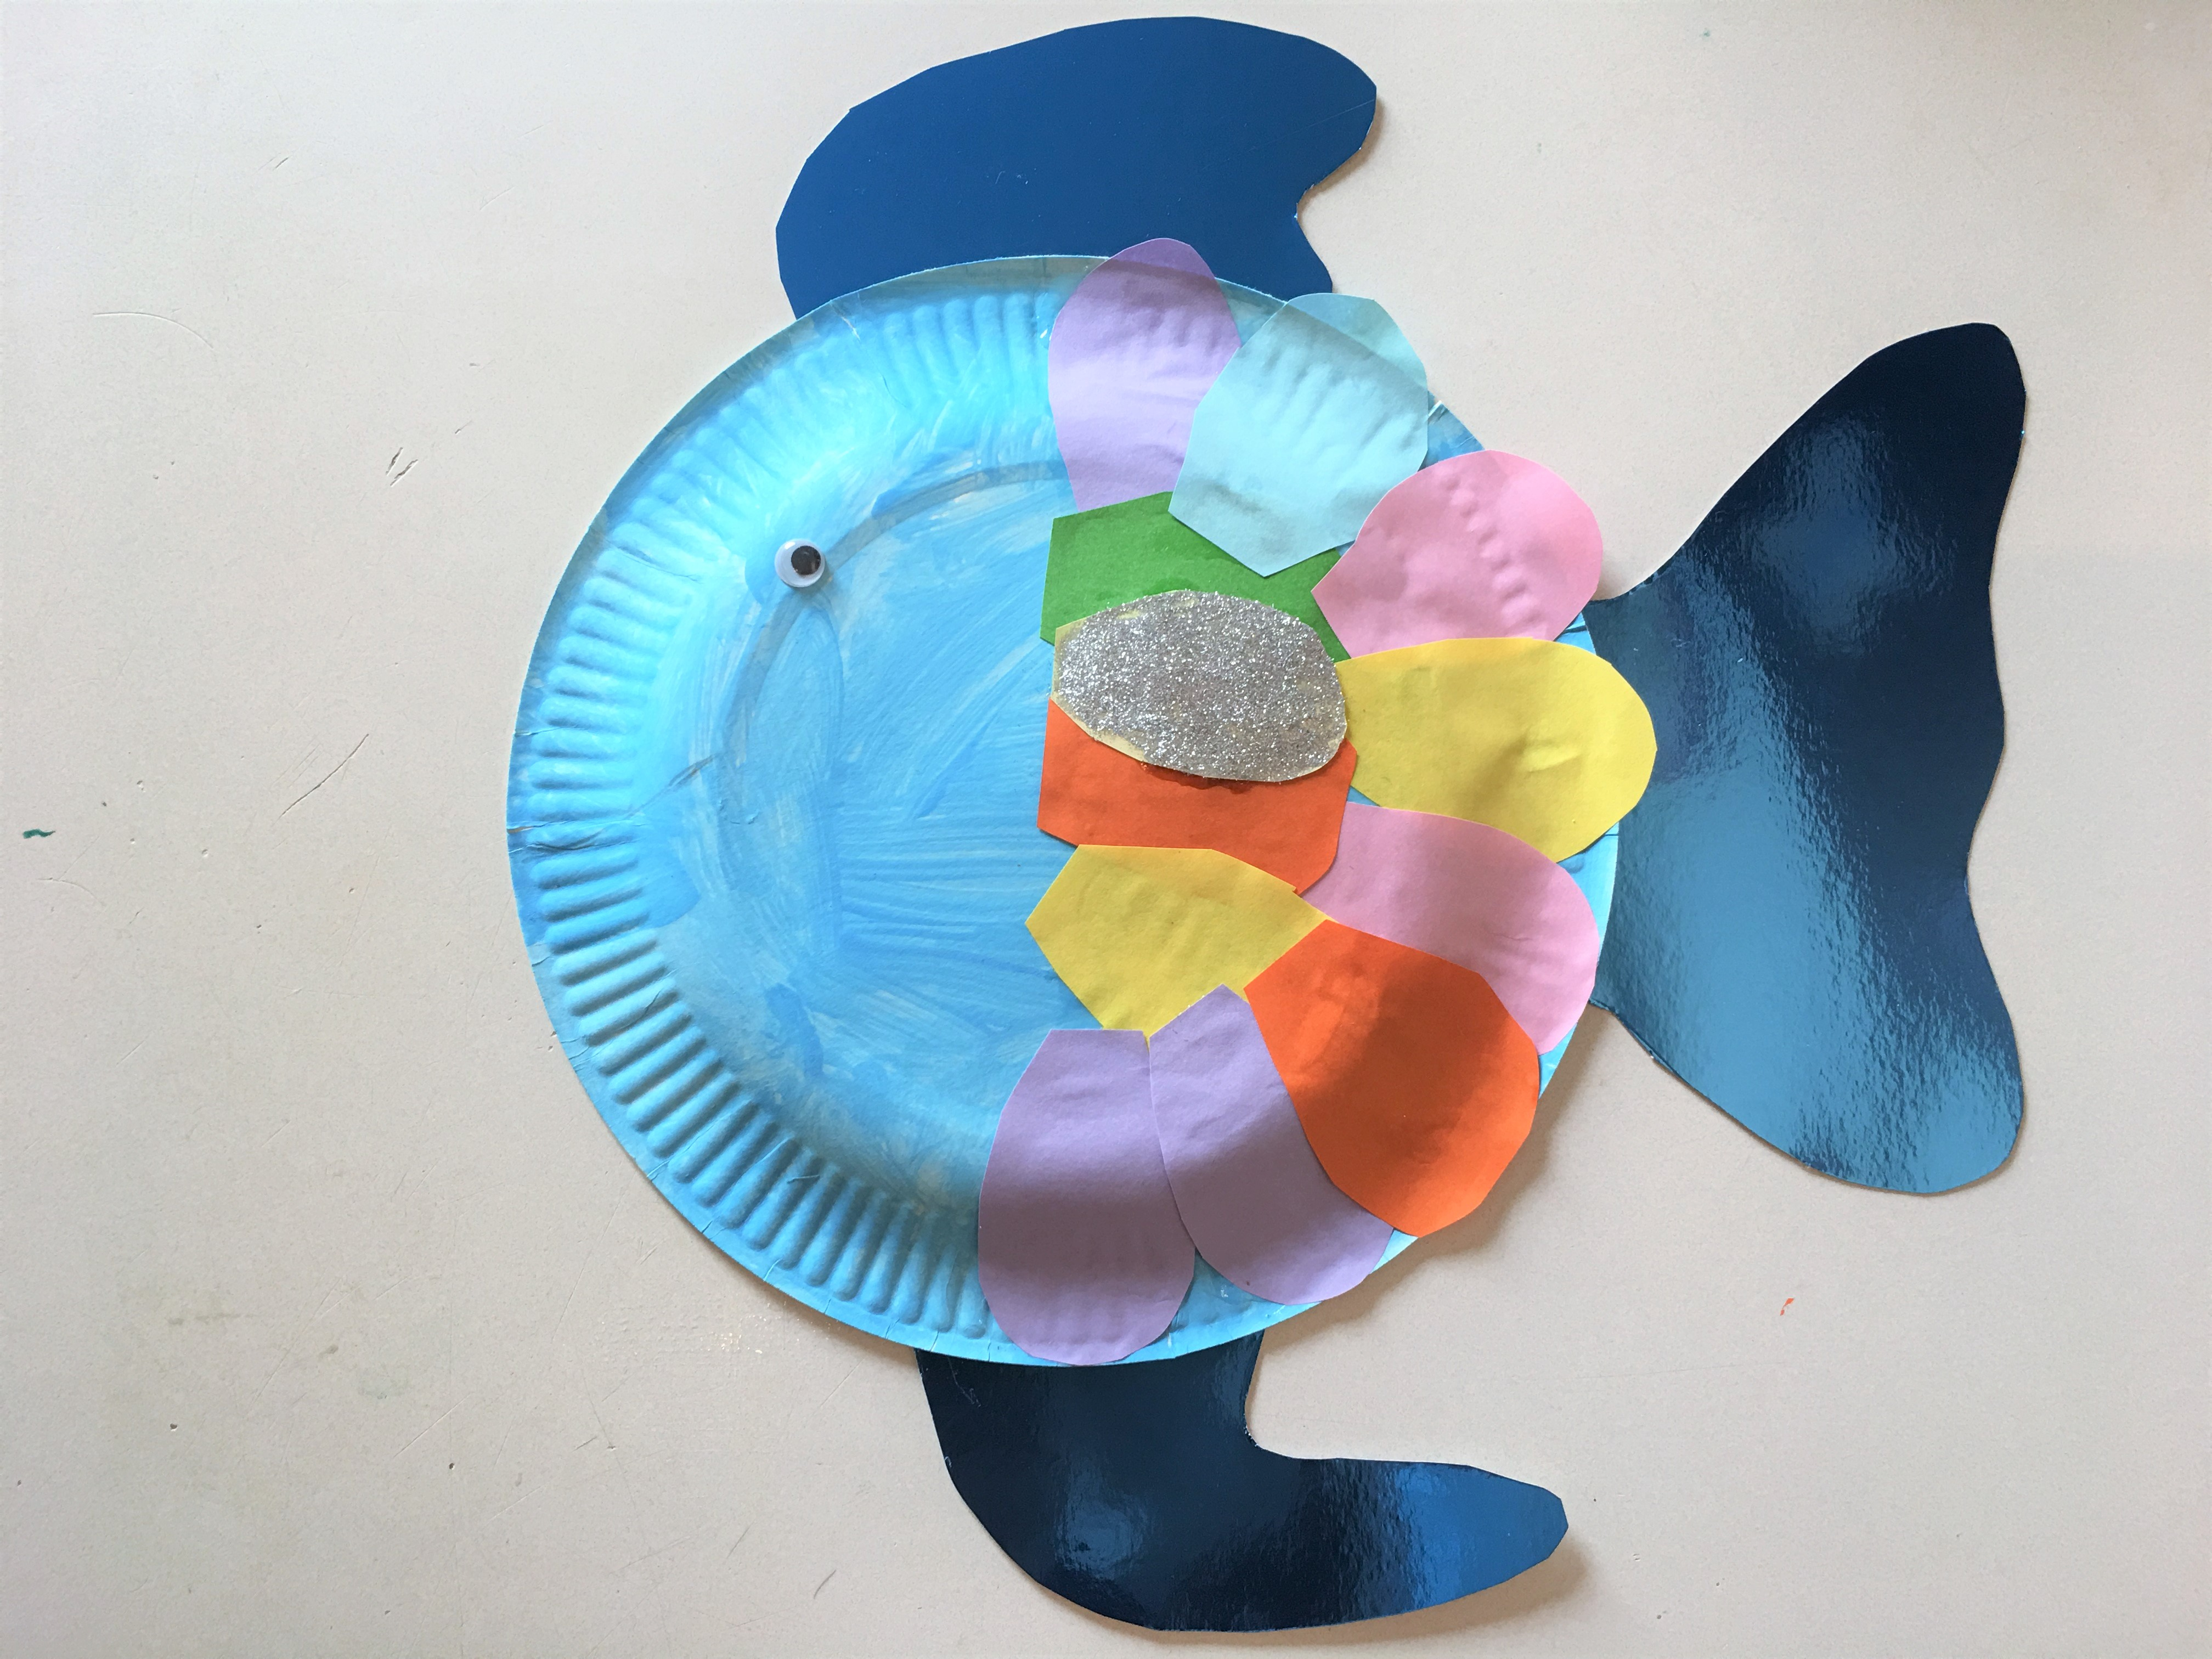 dae20470a7f462 Regenbogenfisch aus Pappteller mit Kindern basteln